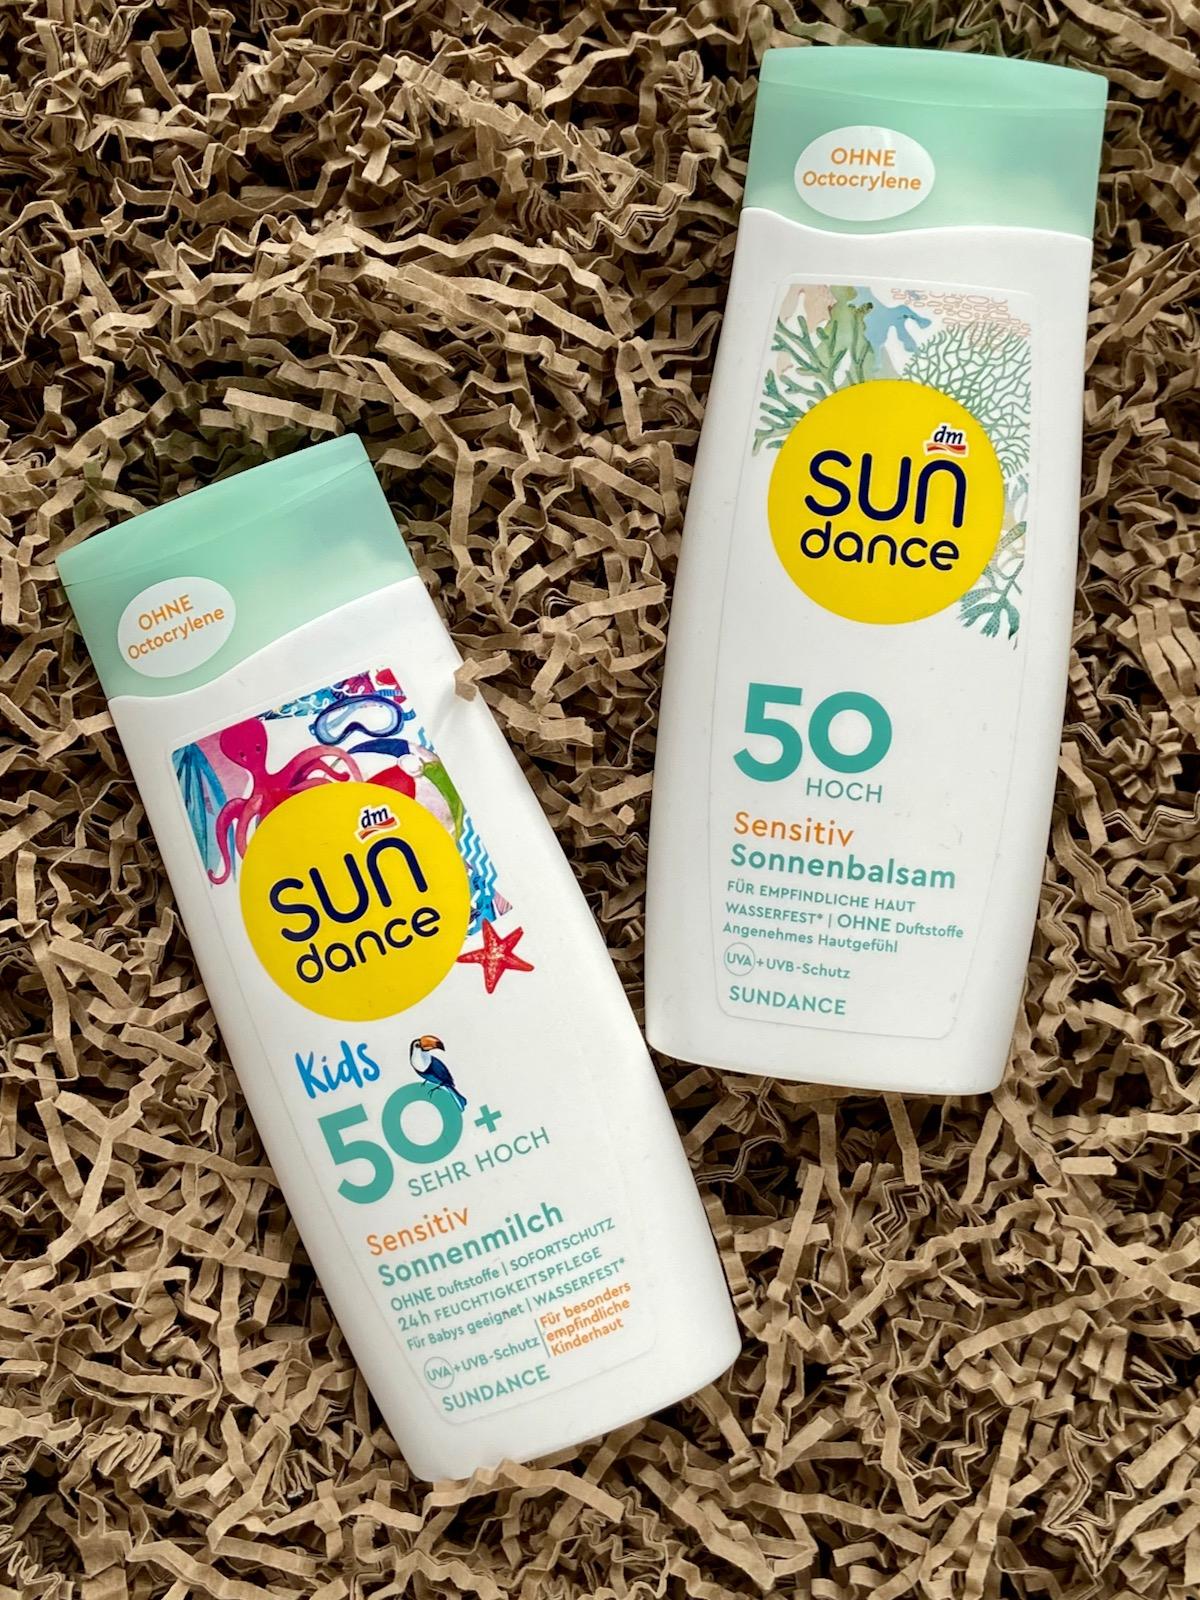 Sundance Sensitiv Sonnenbalsam SPF50 Kids Sensitiv Sonnenmilch SPF50